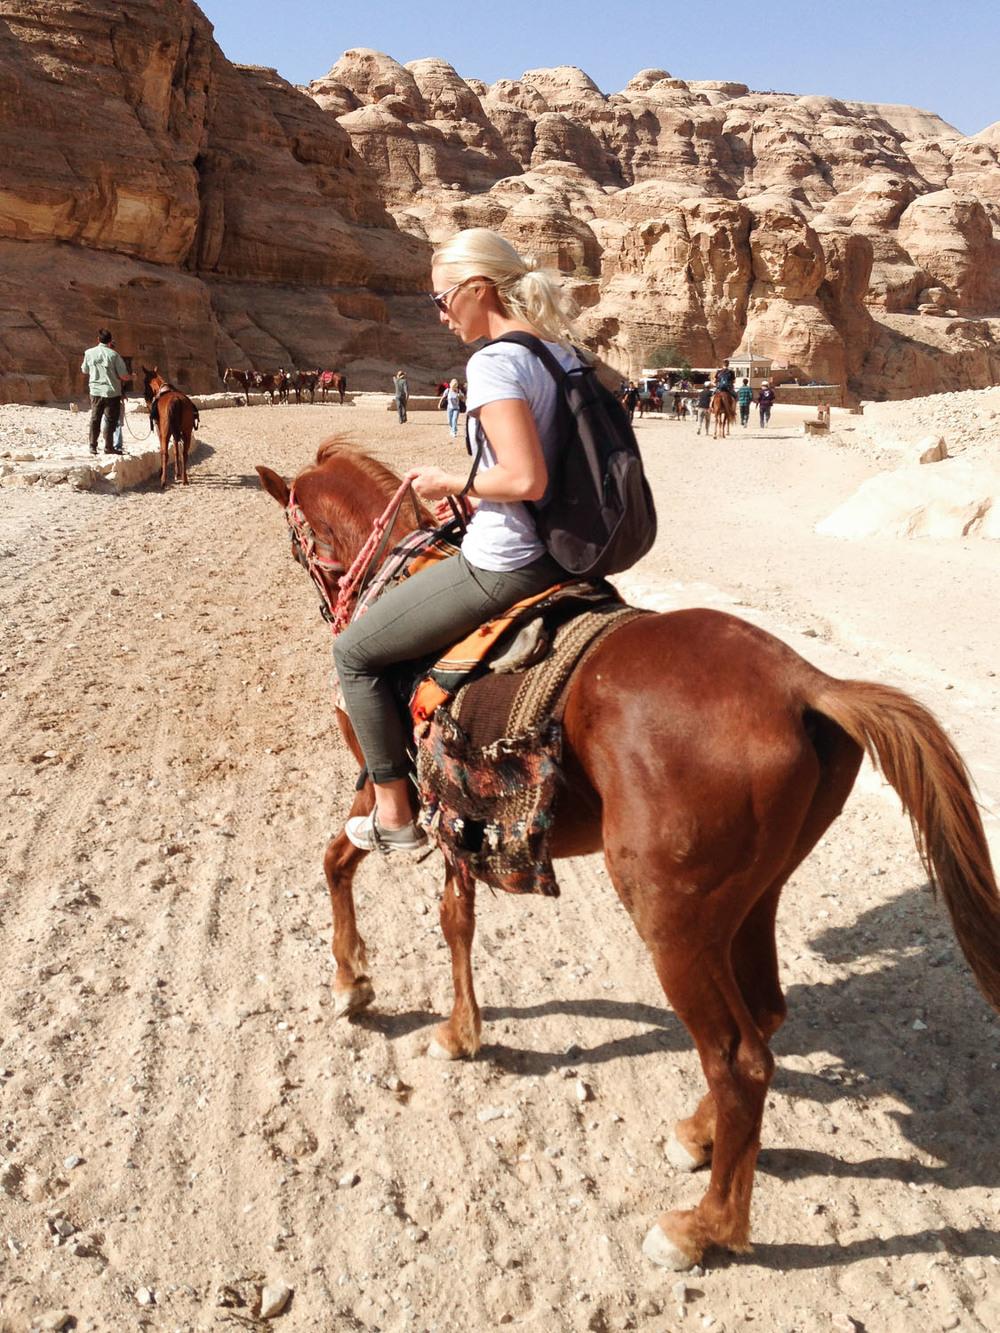 Christian-Schaffer-Jordan-Petra-Horse-001.jpg